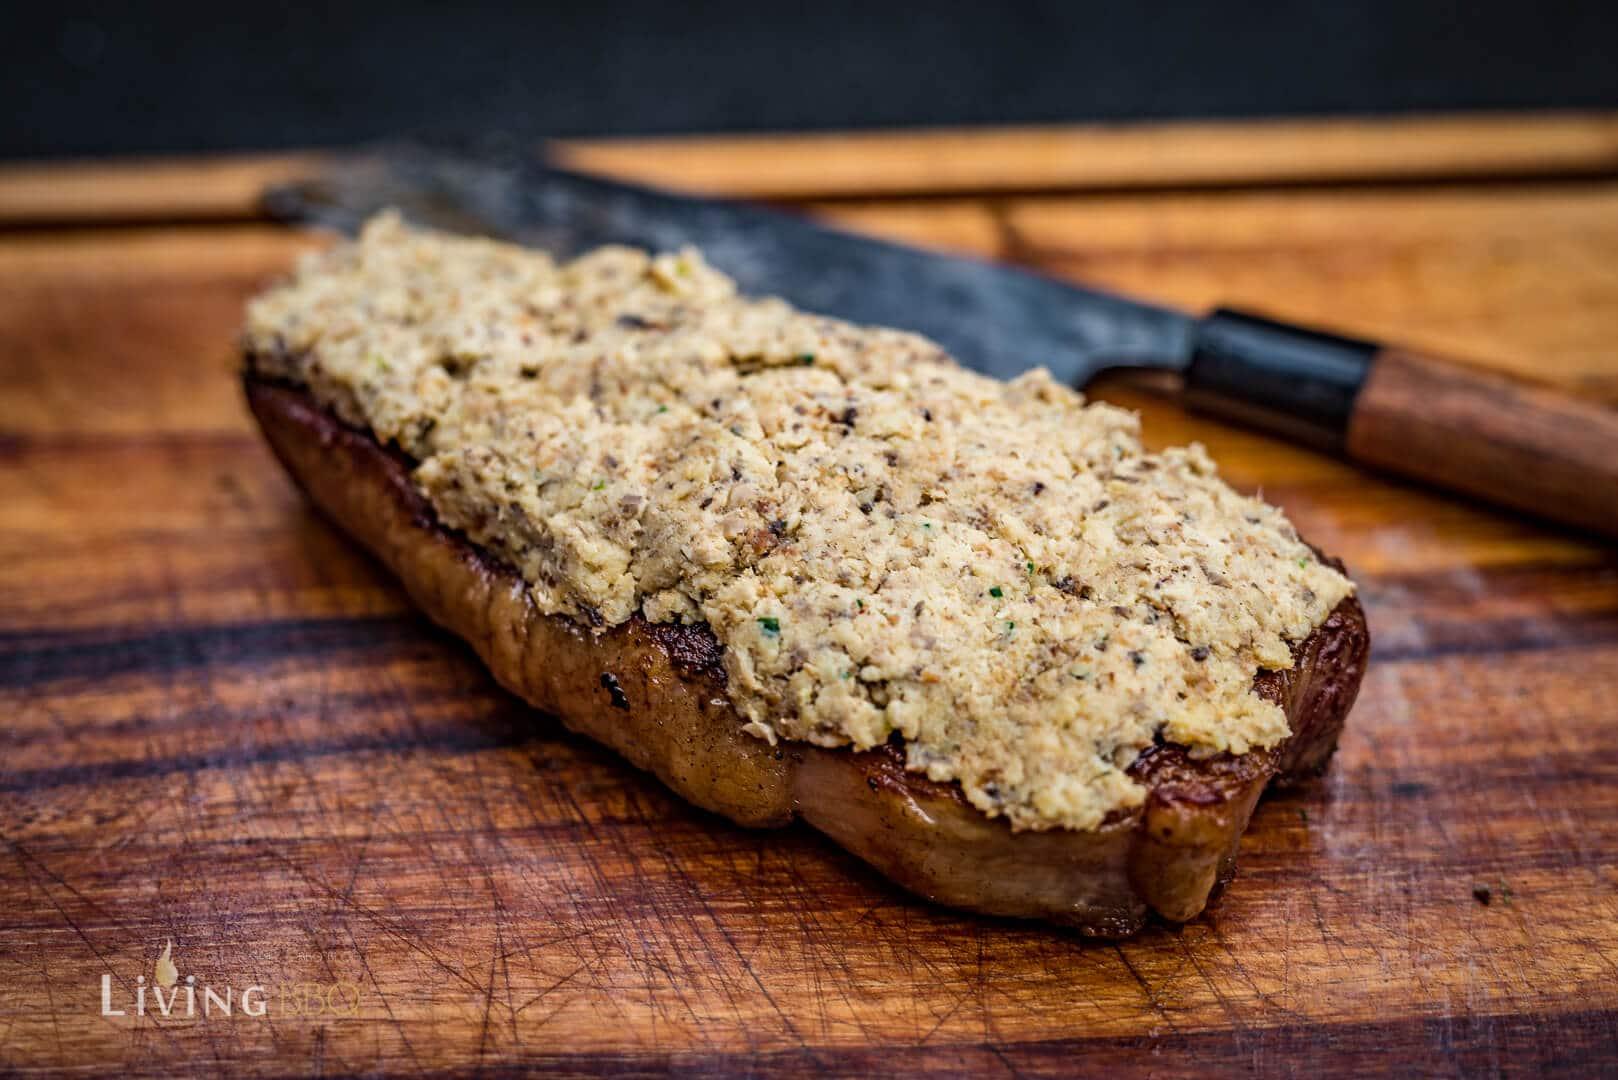 Champignon Kruste auf dem Steak _DSC 5750